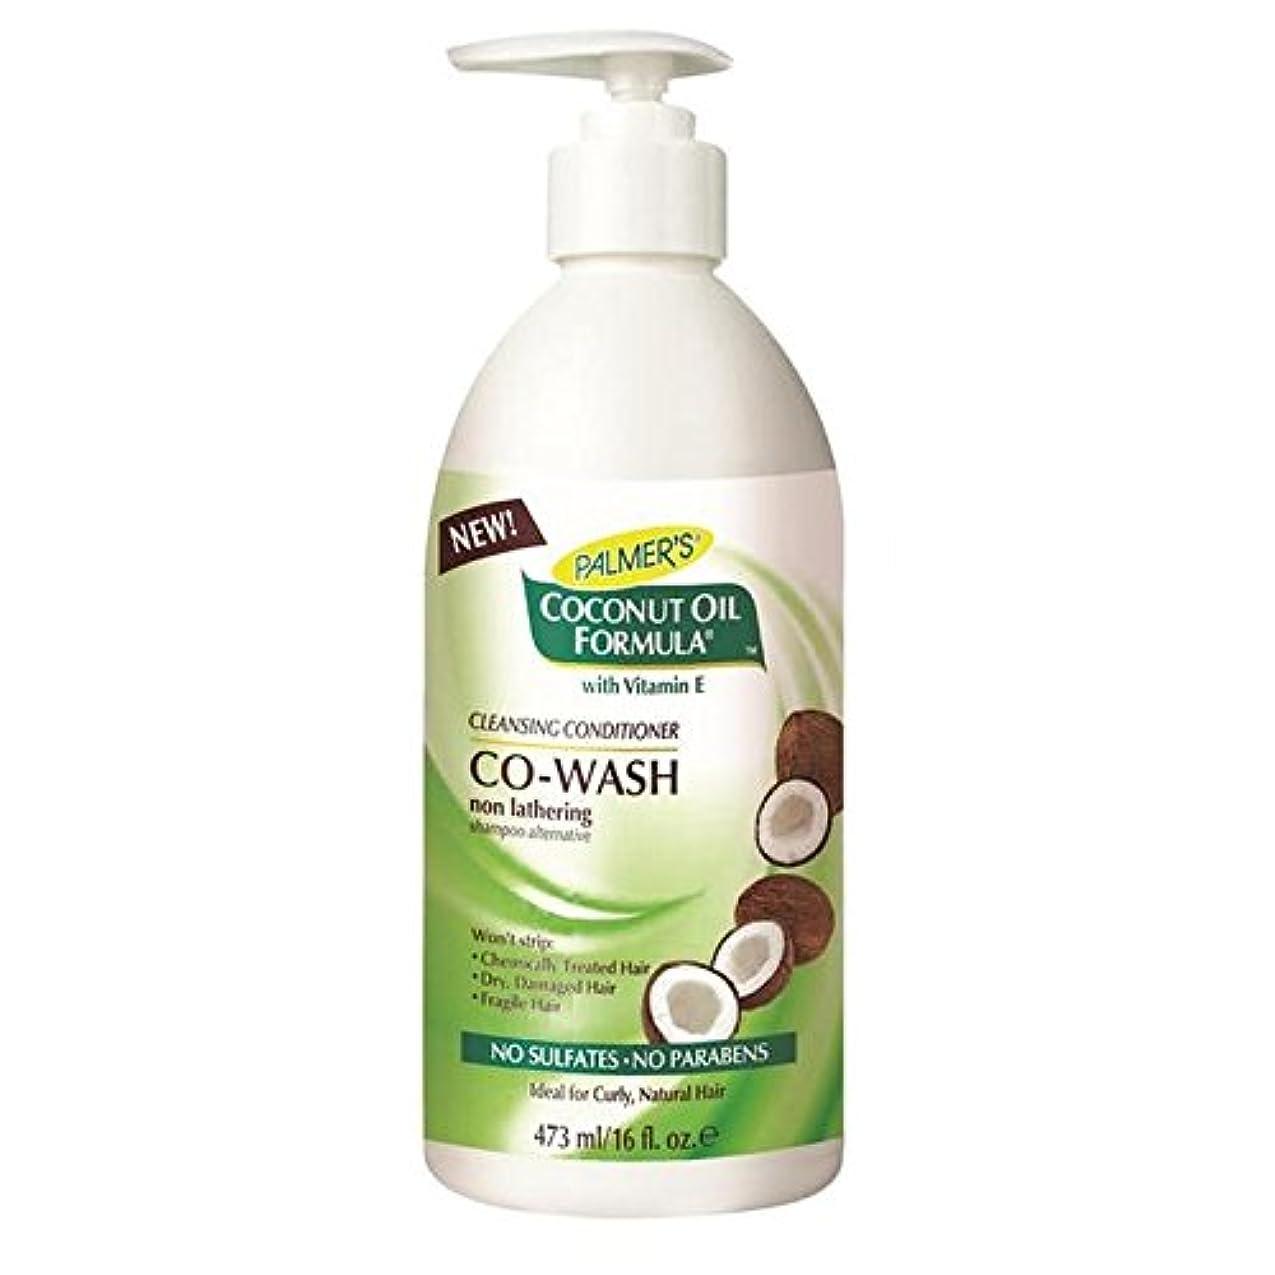 売るデータベース司法Palmer's Coconut Formula Co-Wash Cleansing Conditioner, Shampoo Alternative 473ml (Pack of 6) - パーマーのココナッツ式コウォッシュクレンジングコンディショナー...